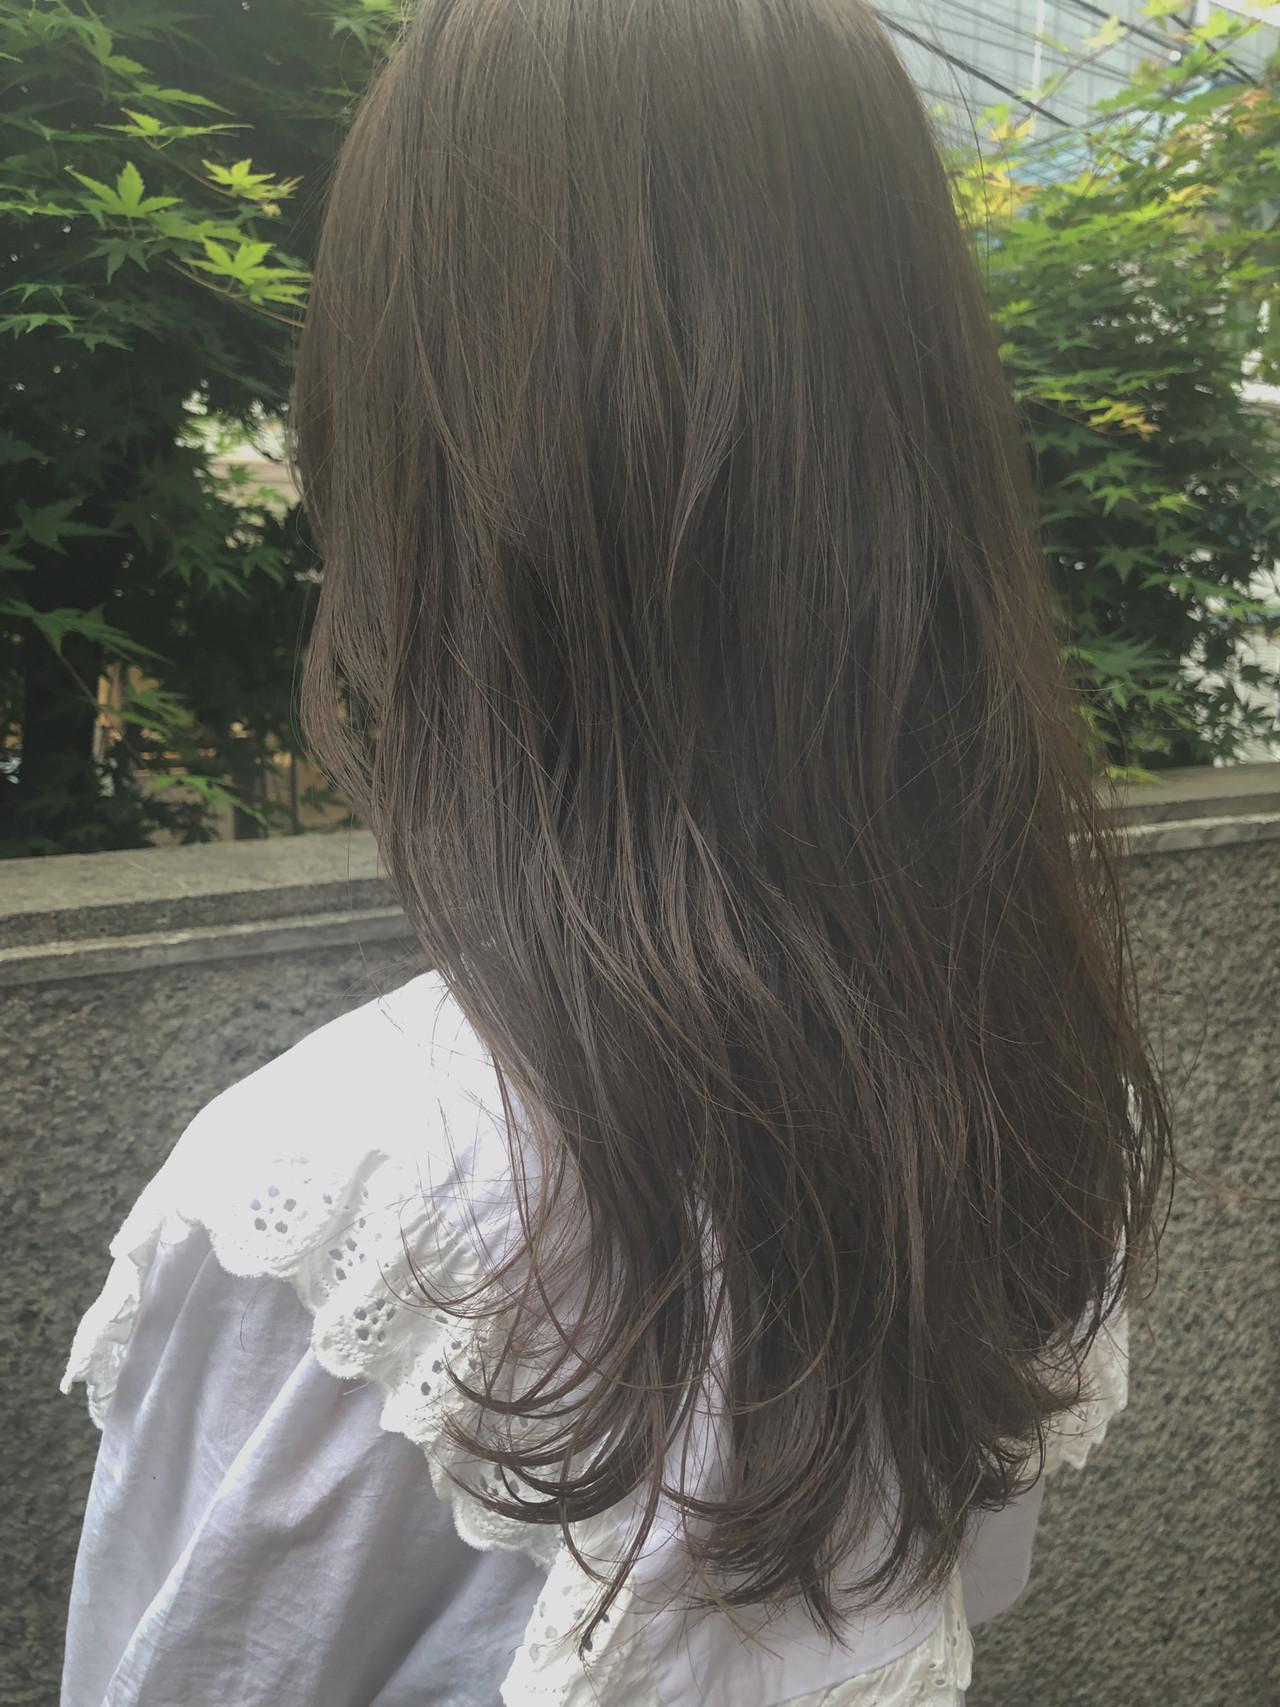 アンニュイほつれヘア ガーリー 大人かわいい ゆるふわ ヘアスタイルや髪型の写真・画像